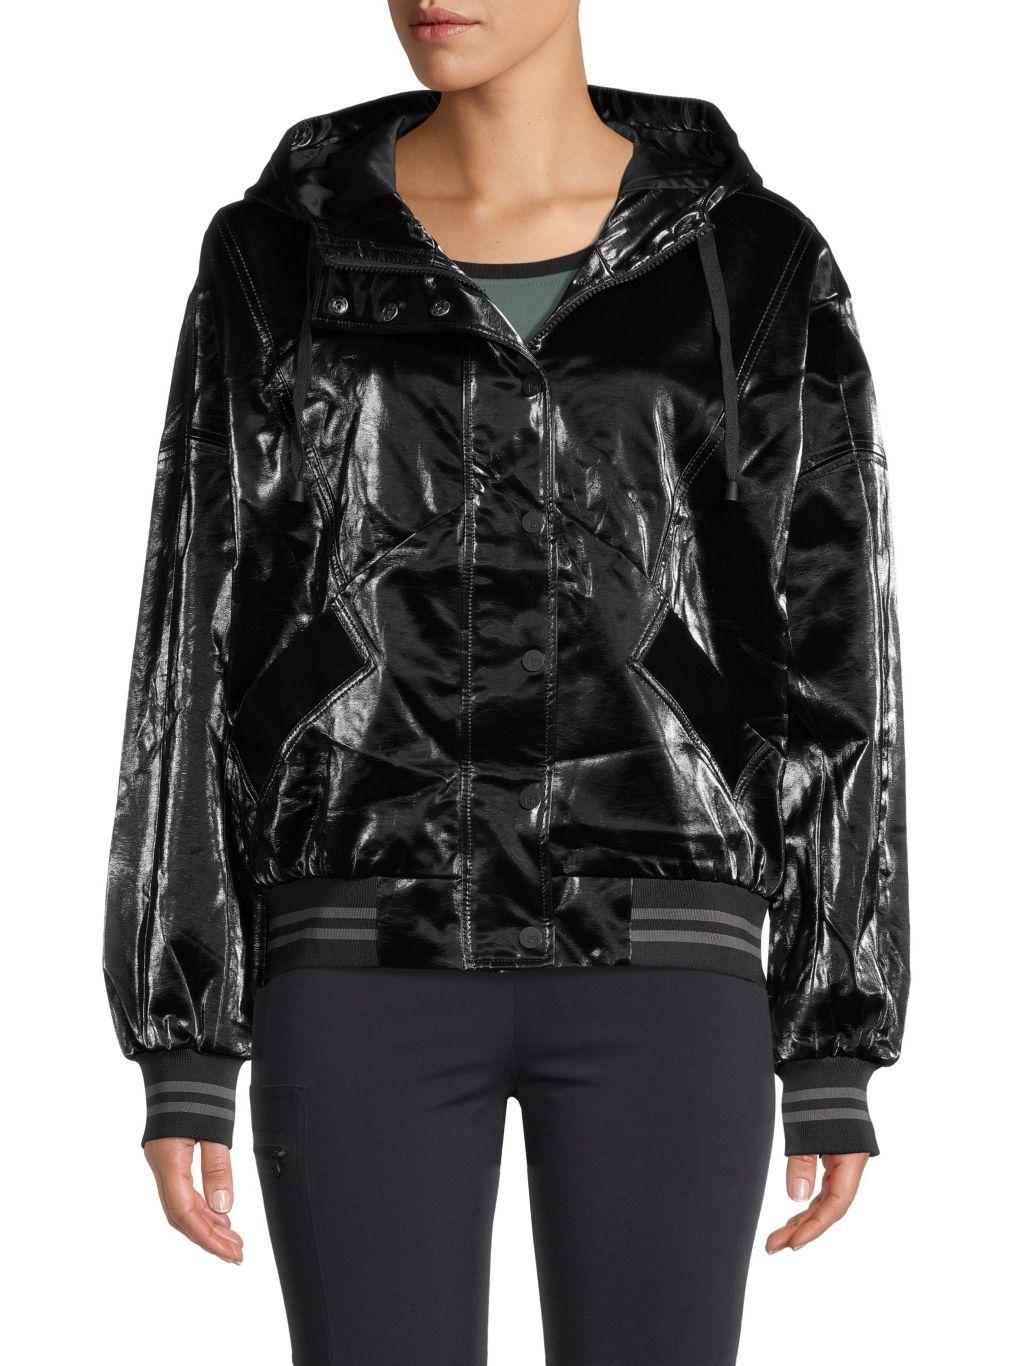 Blanc Noir Iridescent Faux Leather Jacket